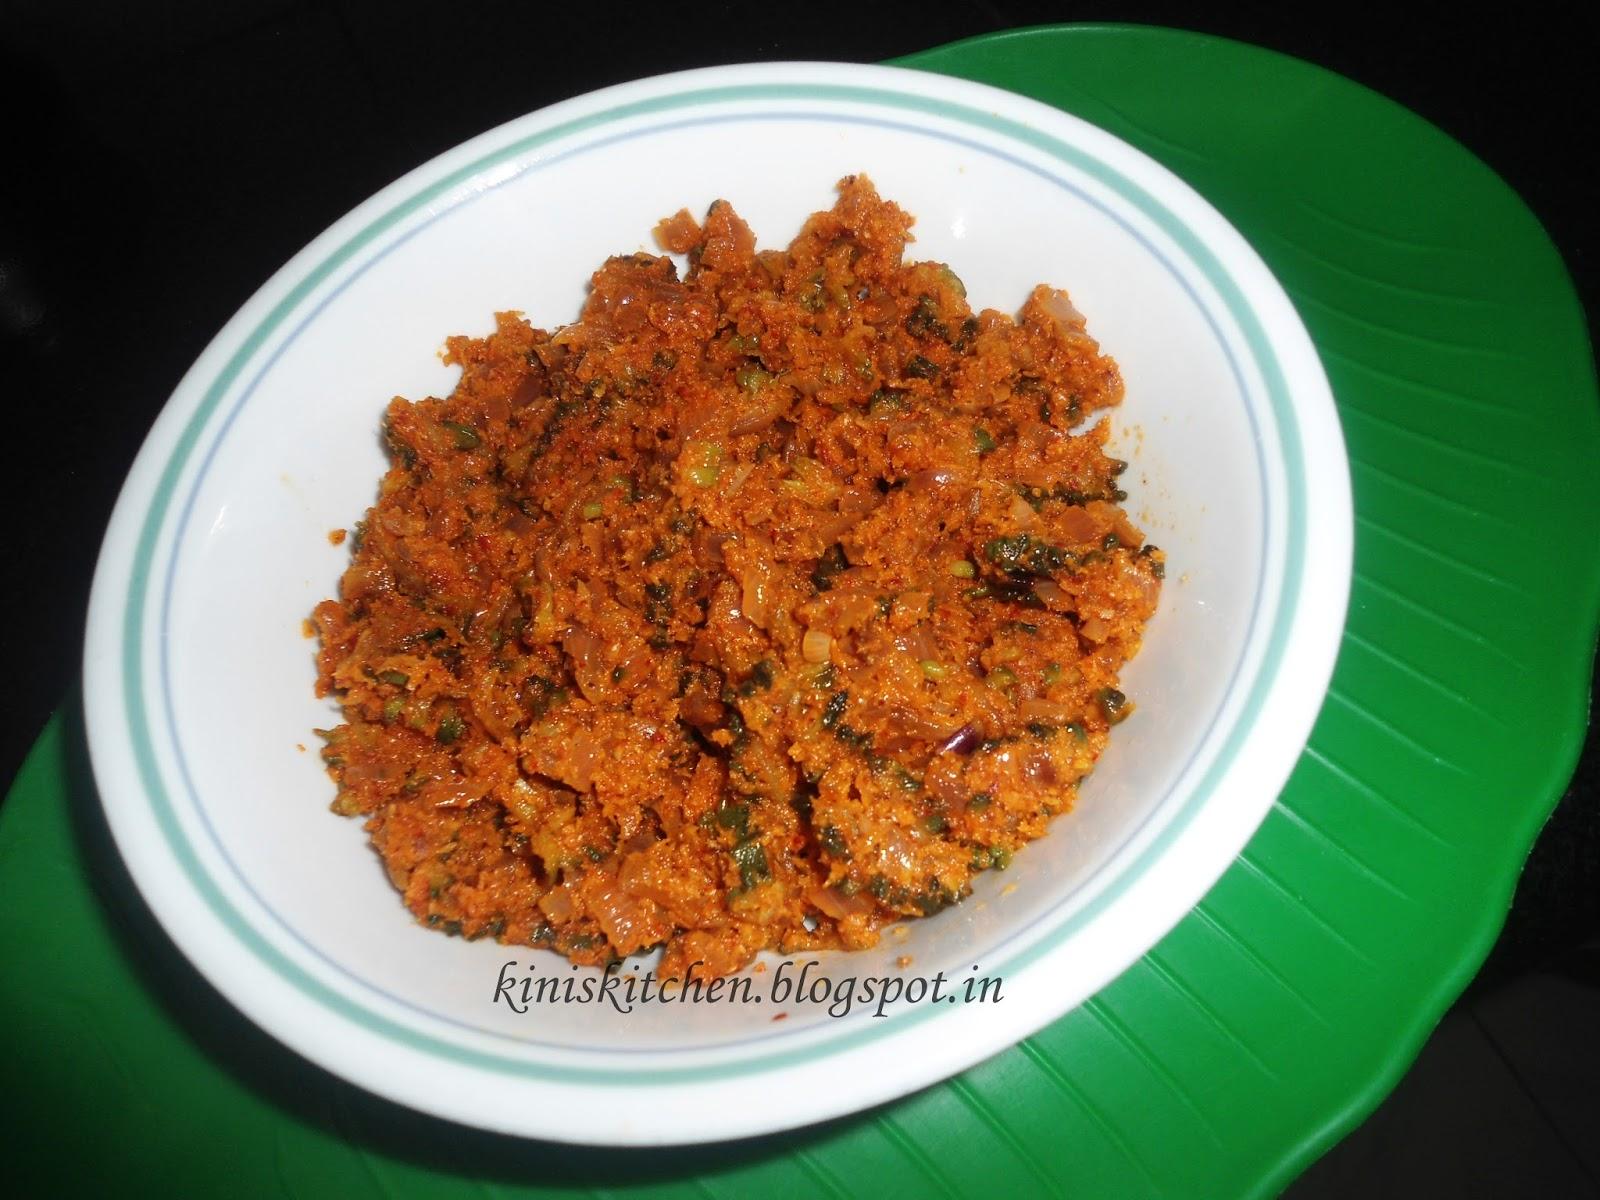 Kini's Kitchen: Kaarate Sagle on